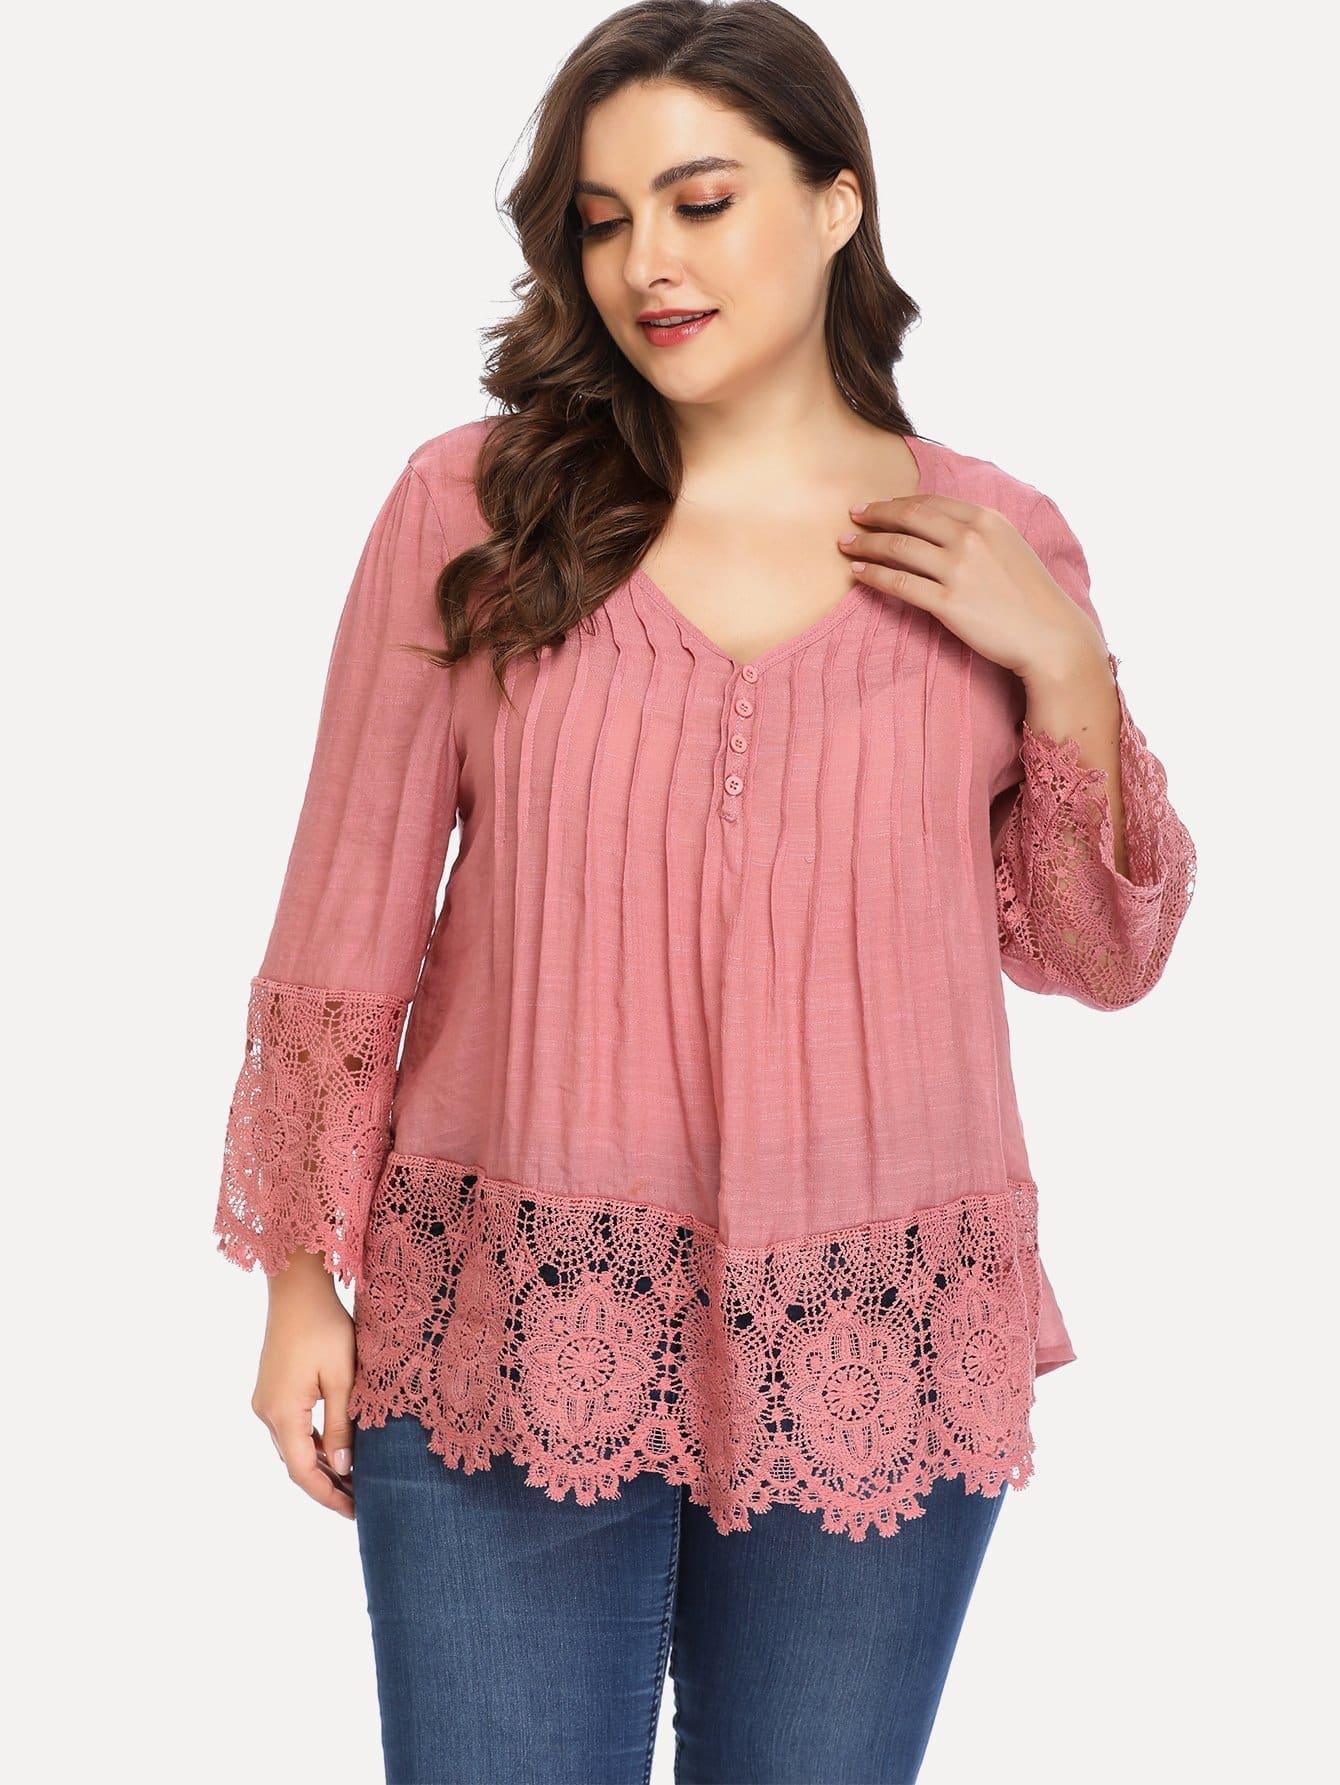 Купить Плюс размеры контрастные кружева блузка, Franziska, SheIn